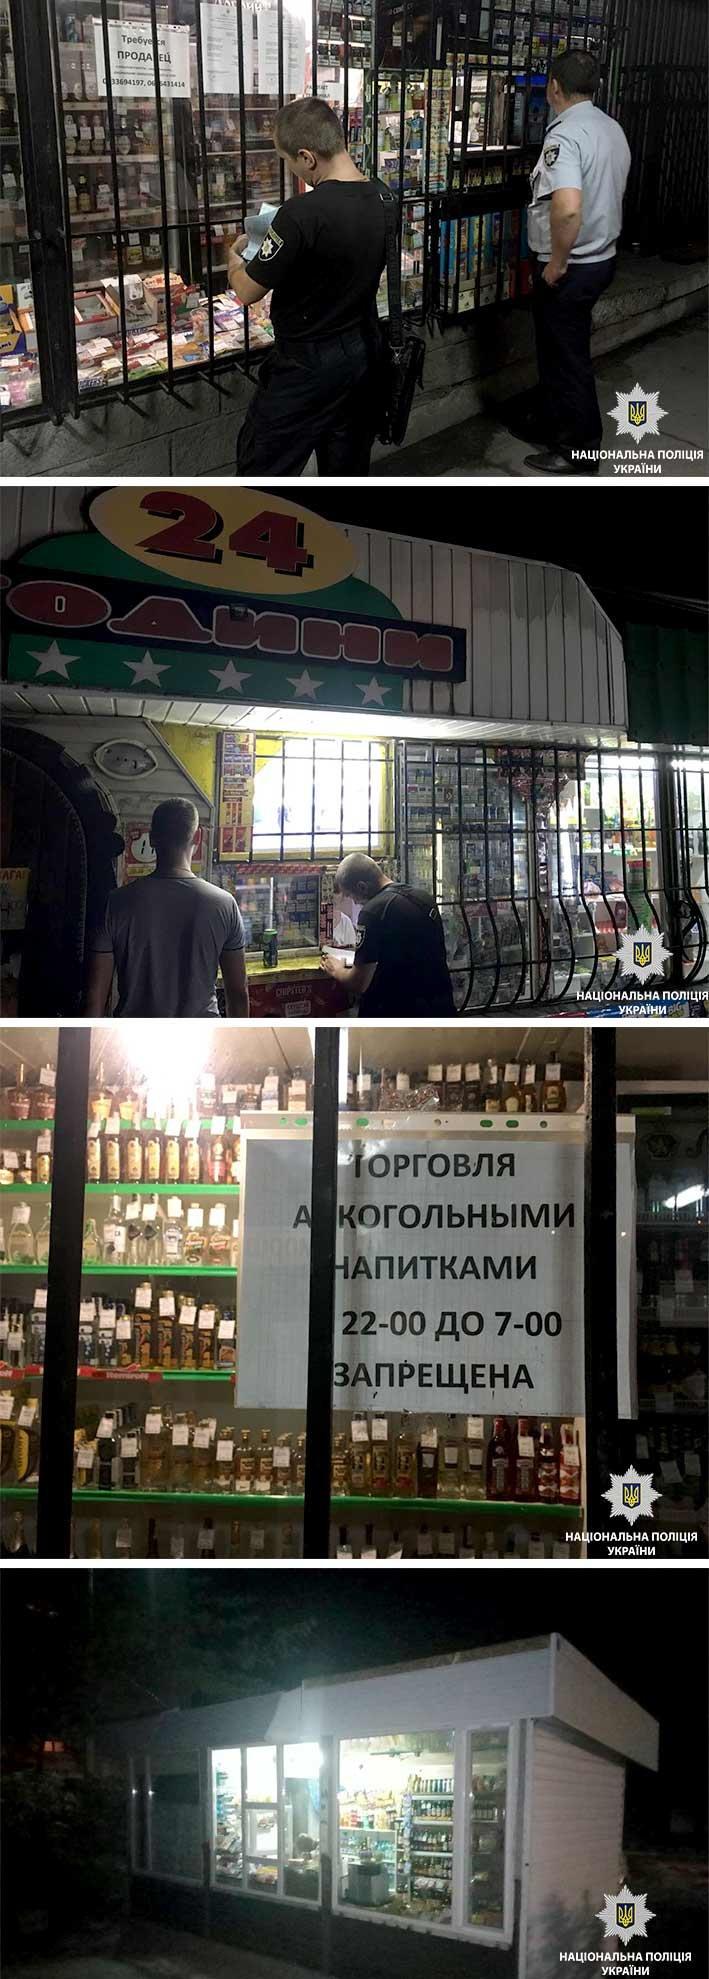 Ночью ни капли спиртного: в Каменском полицейские продолжают проверять торговцев, фото-1